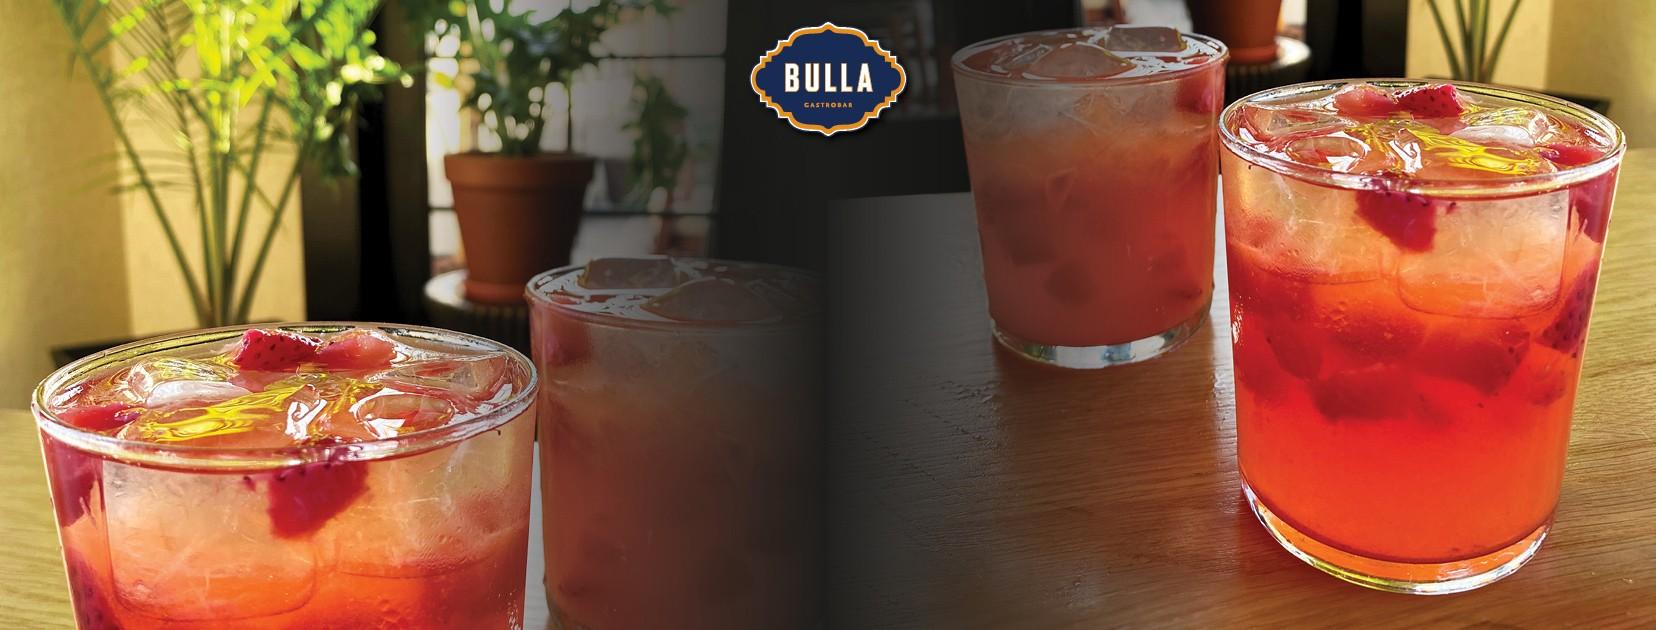 Bulla Valentine's Cocktail Promo